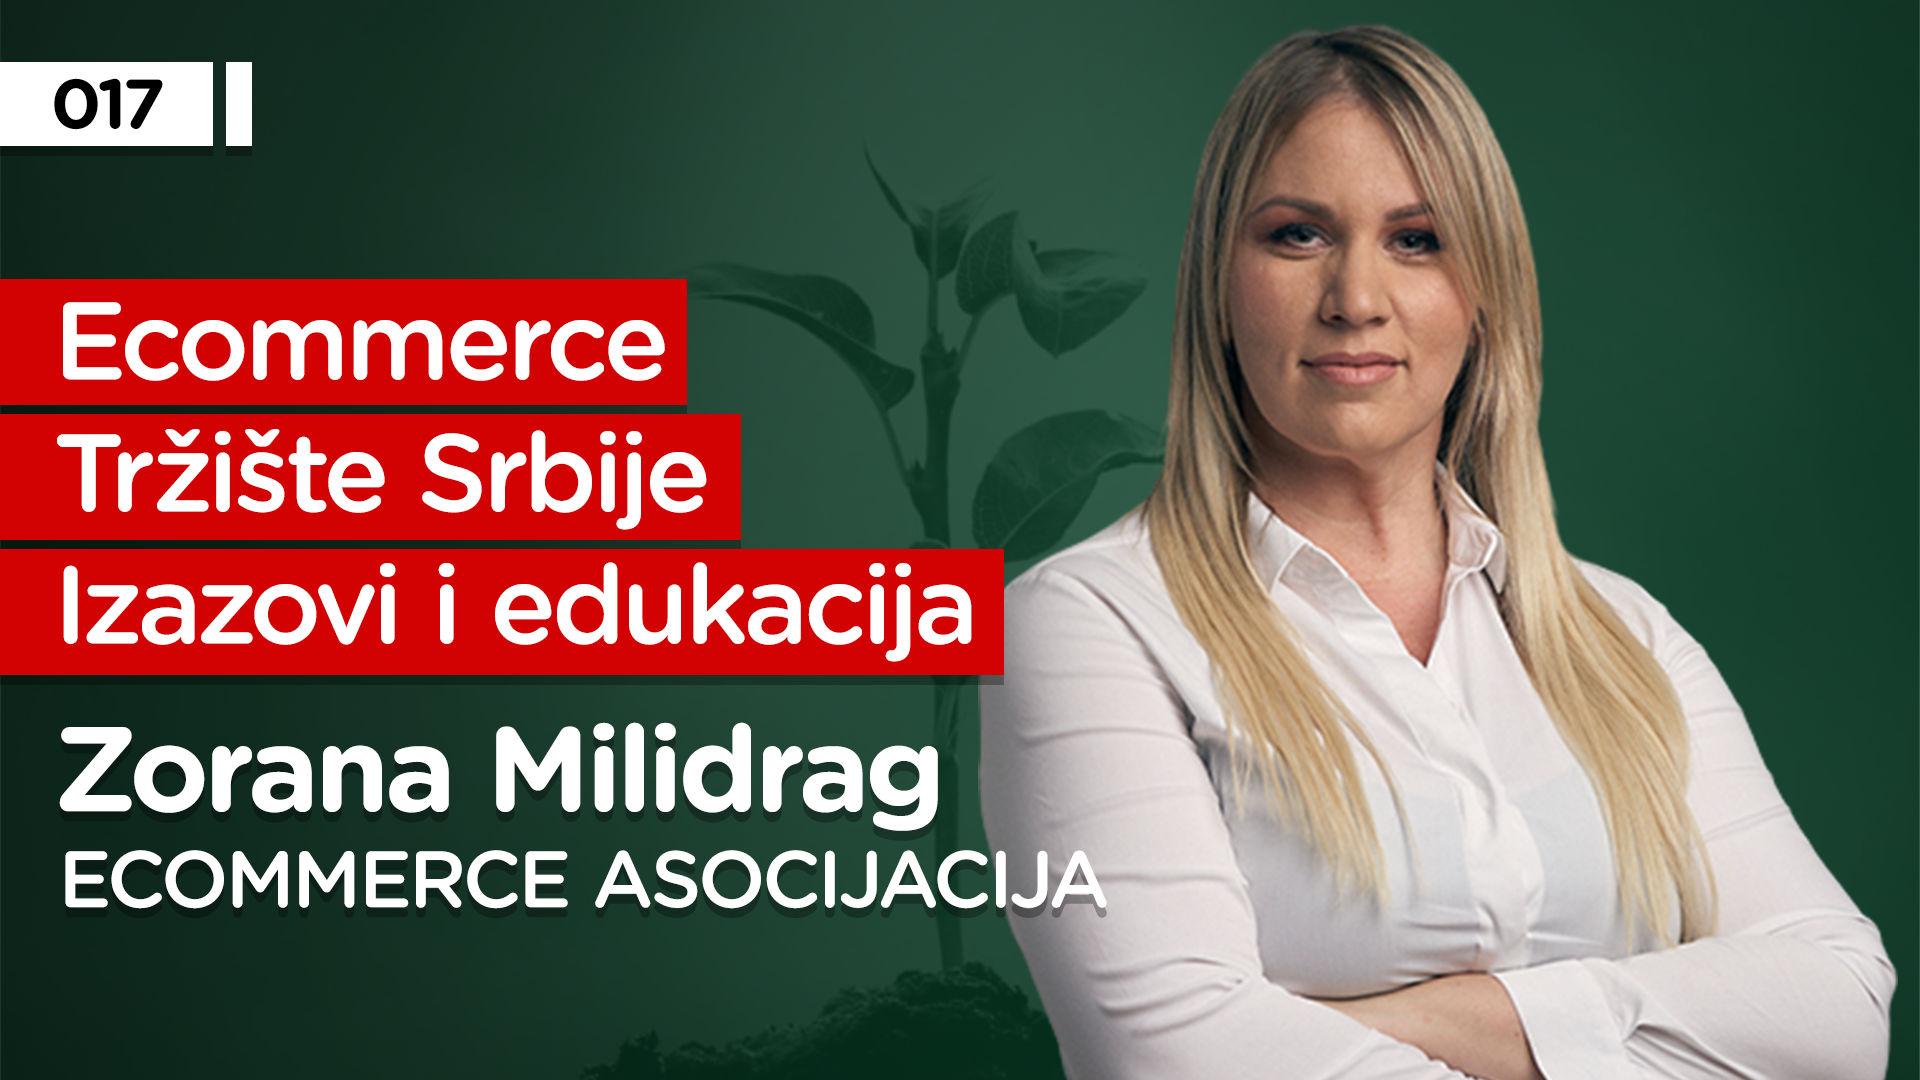 EP017: Zorana Milidrag